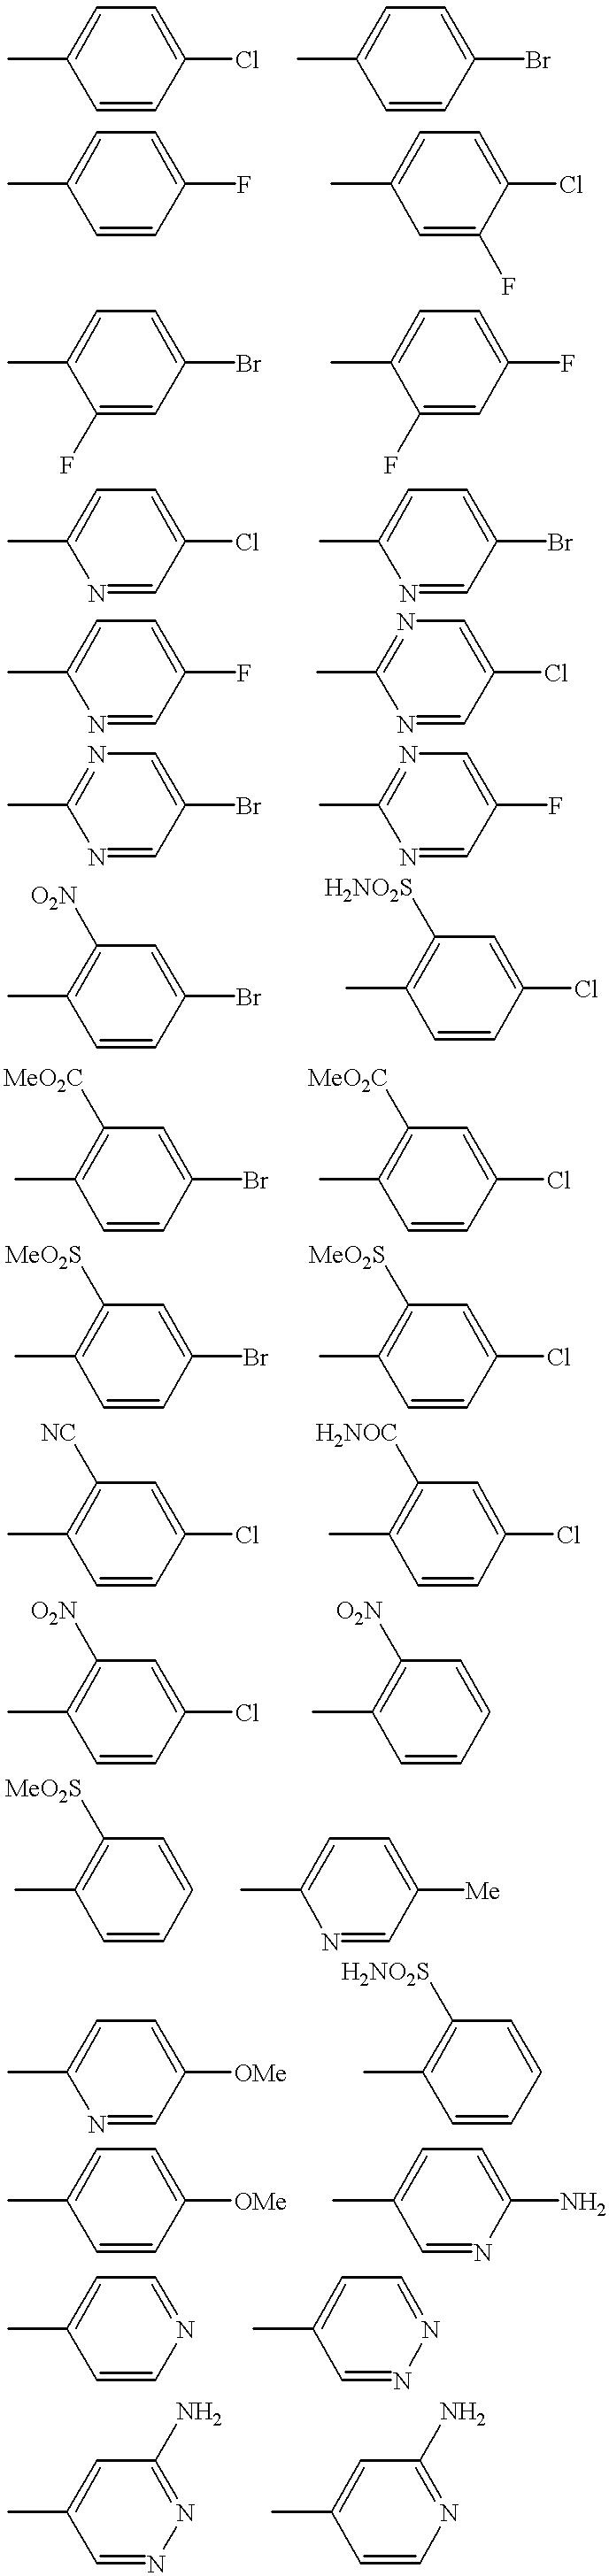 Figure US06376515-20020423-C00008